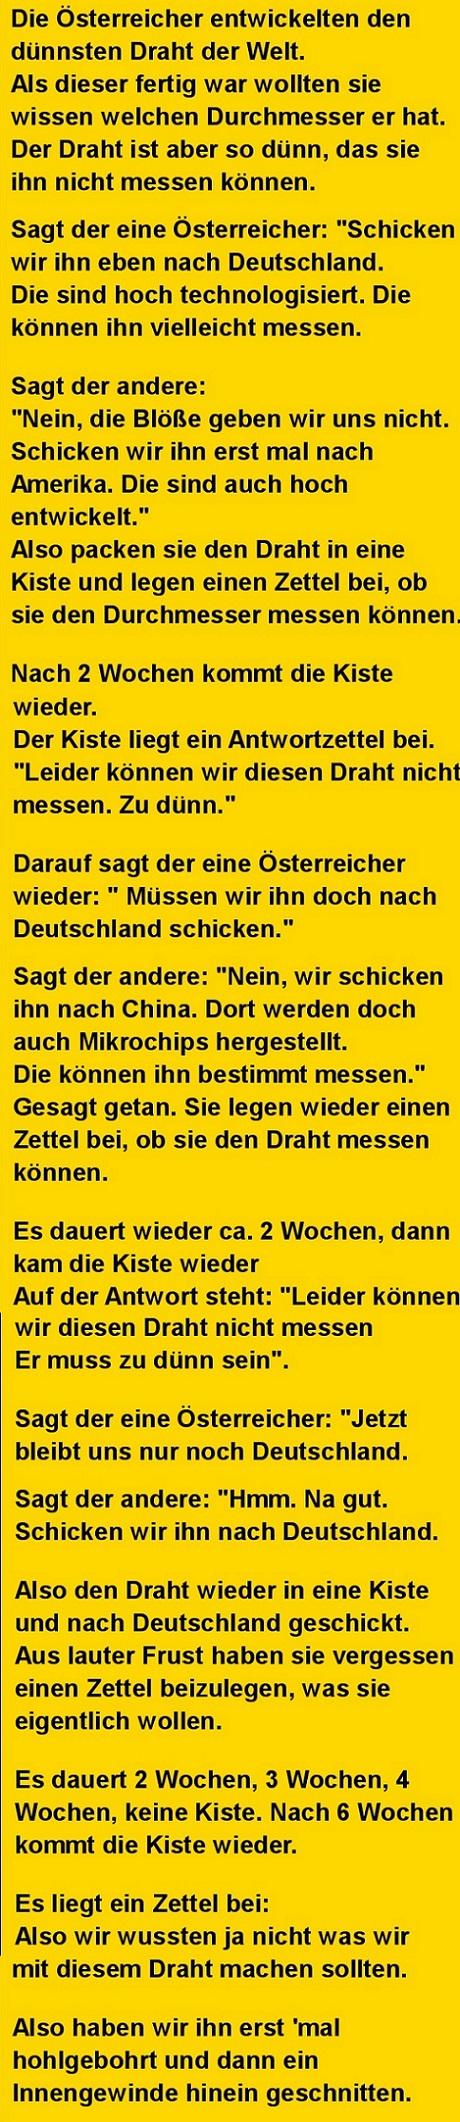 osterreichs